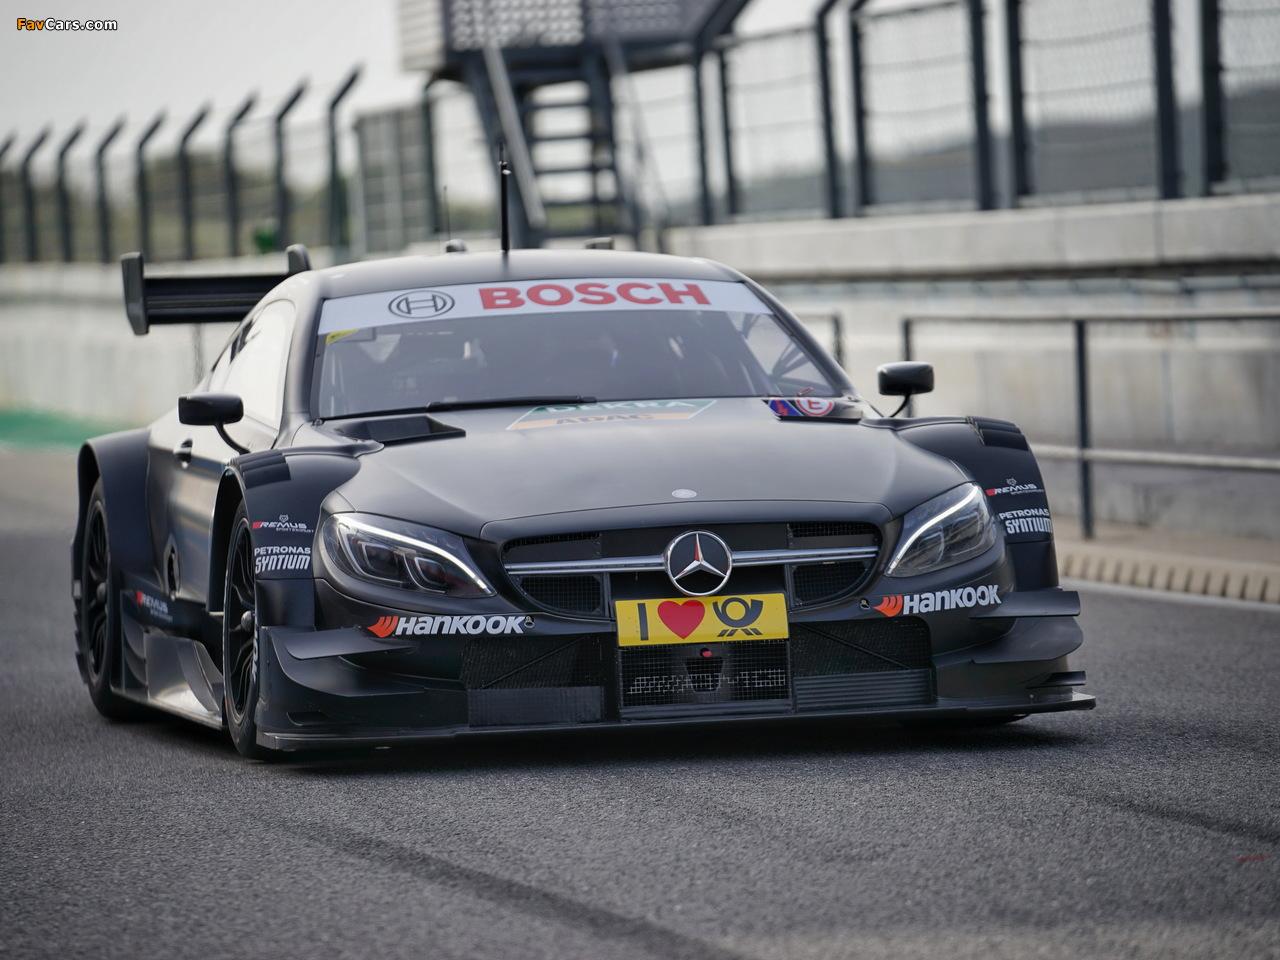 Mercedes-AMG C 63 Coupé DTM (C205) 2016 photos (1280 x 960)